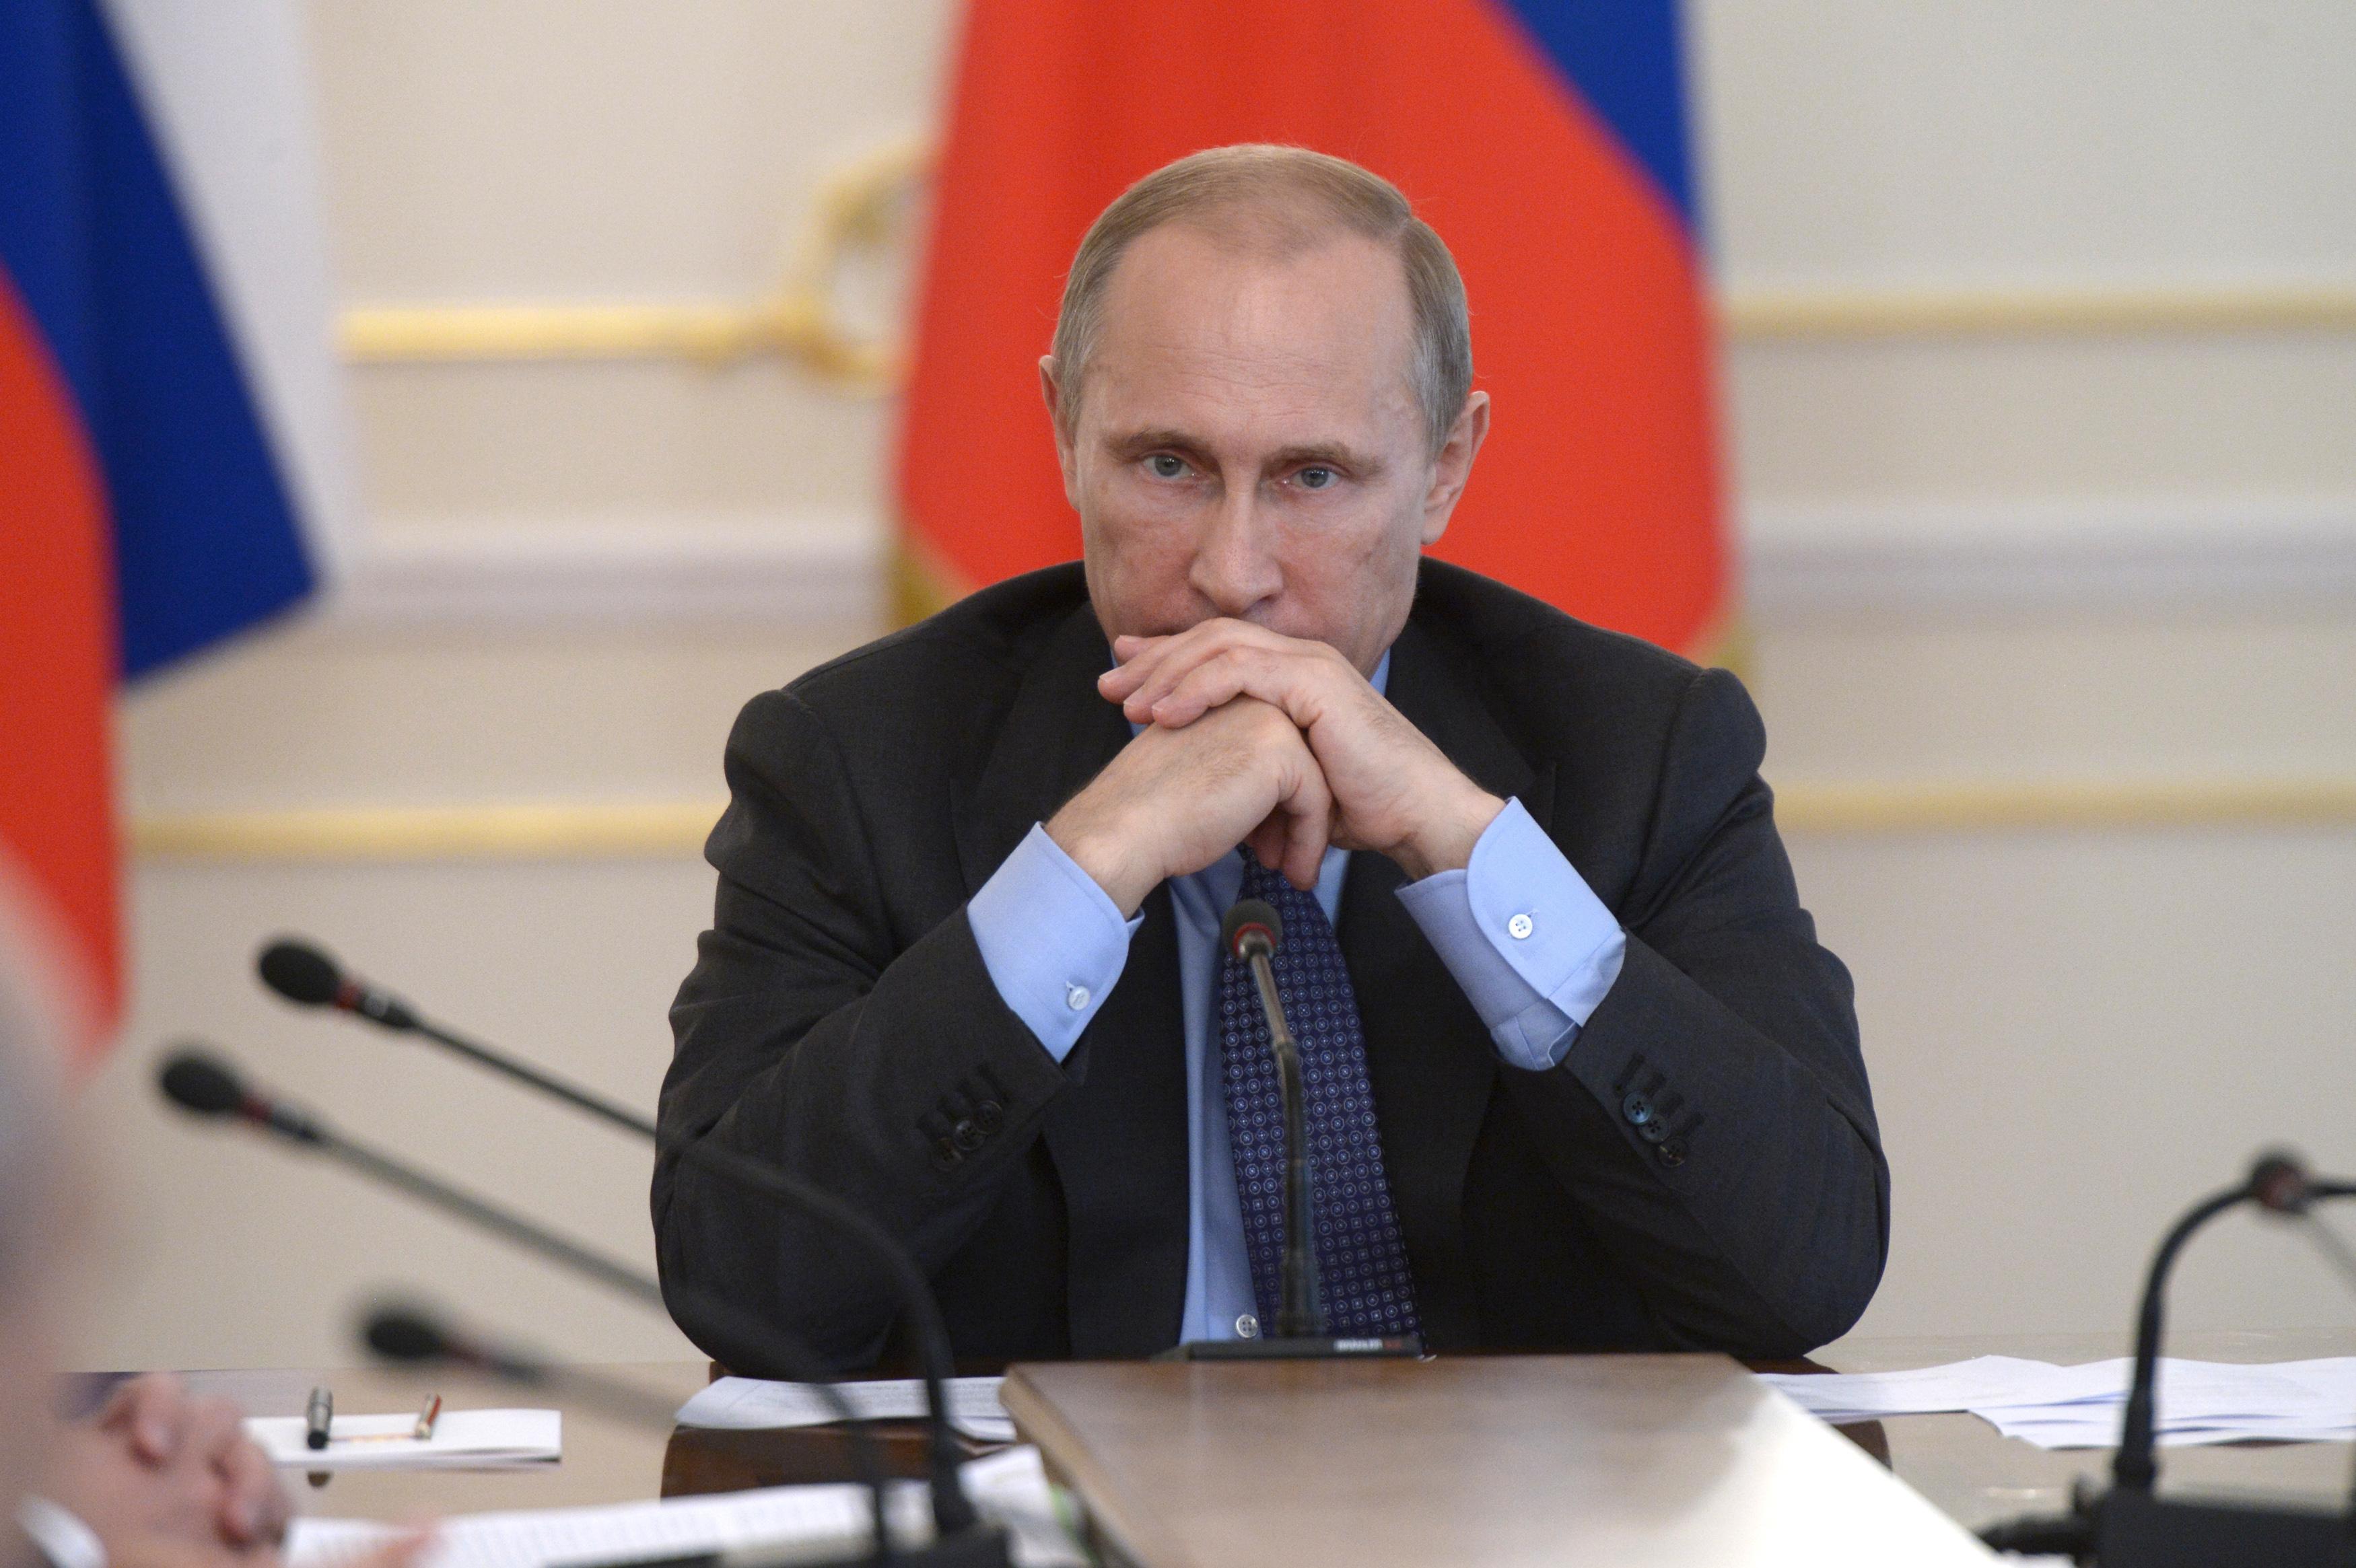 Photo: AP Photo/RIA Novosti, Alexei Nikolsky